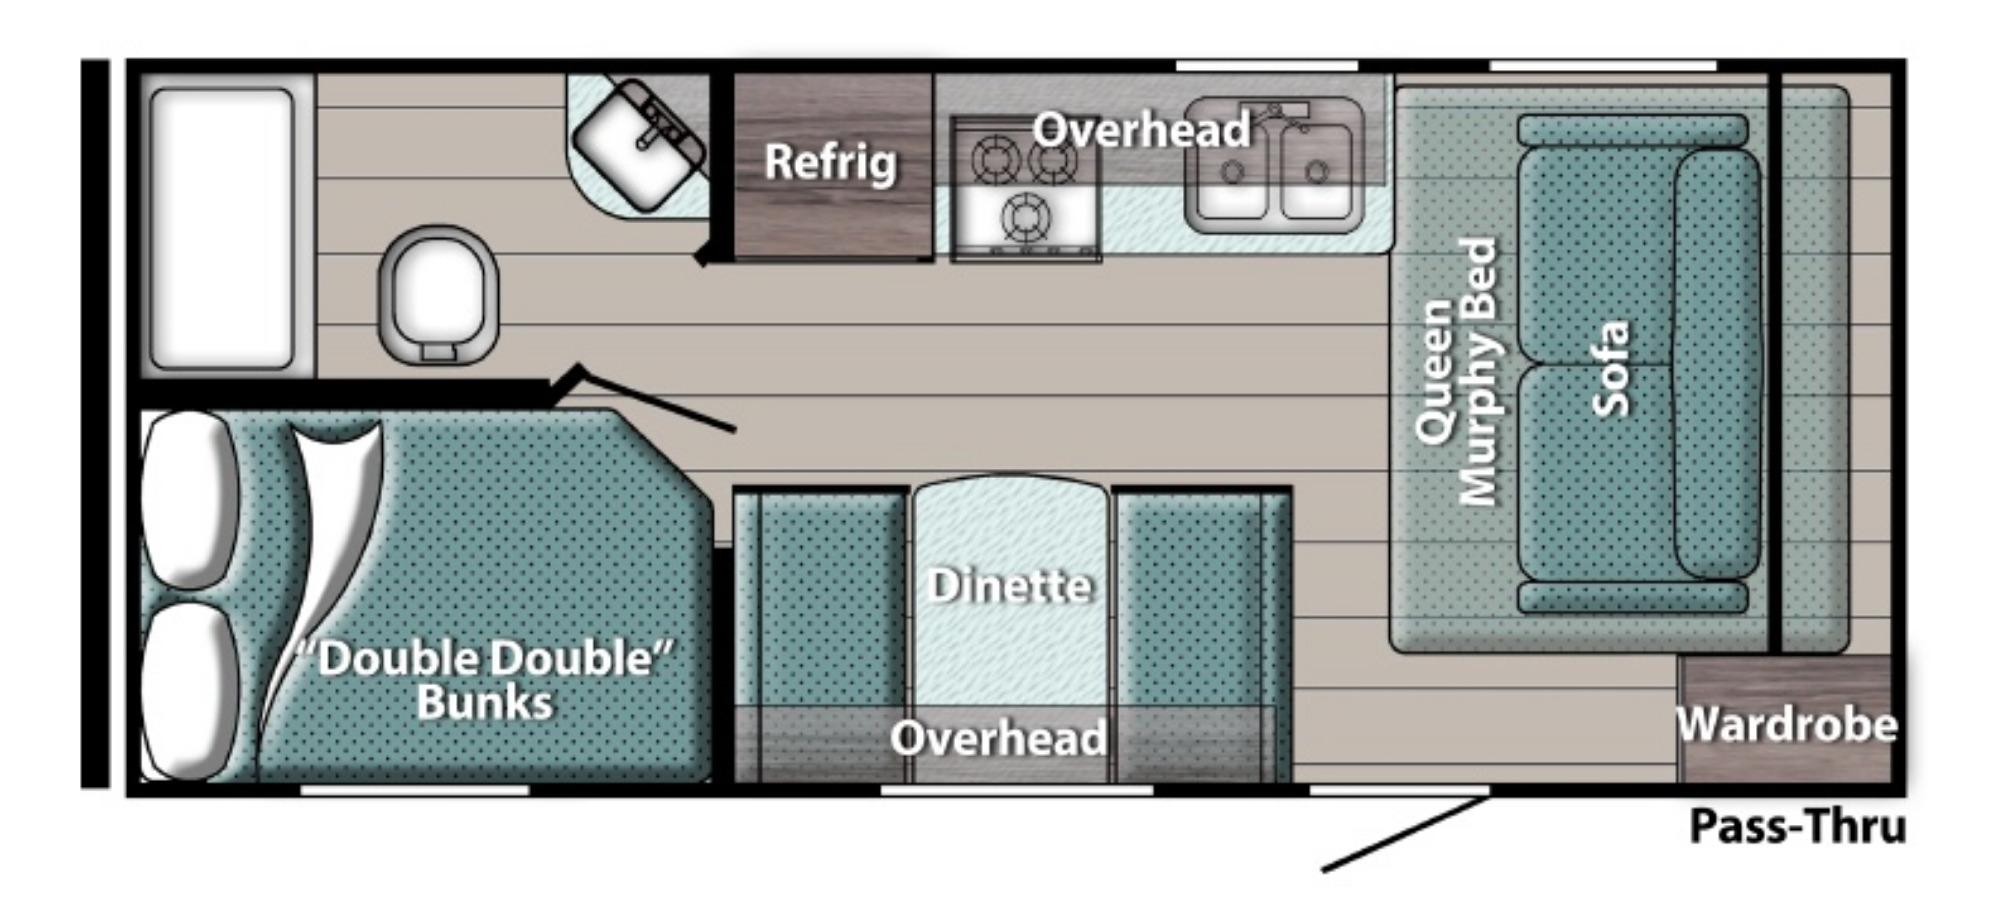 View Floor Plan for 2022 GULF STREAM ENLIGHTEN 19BH